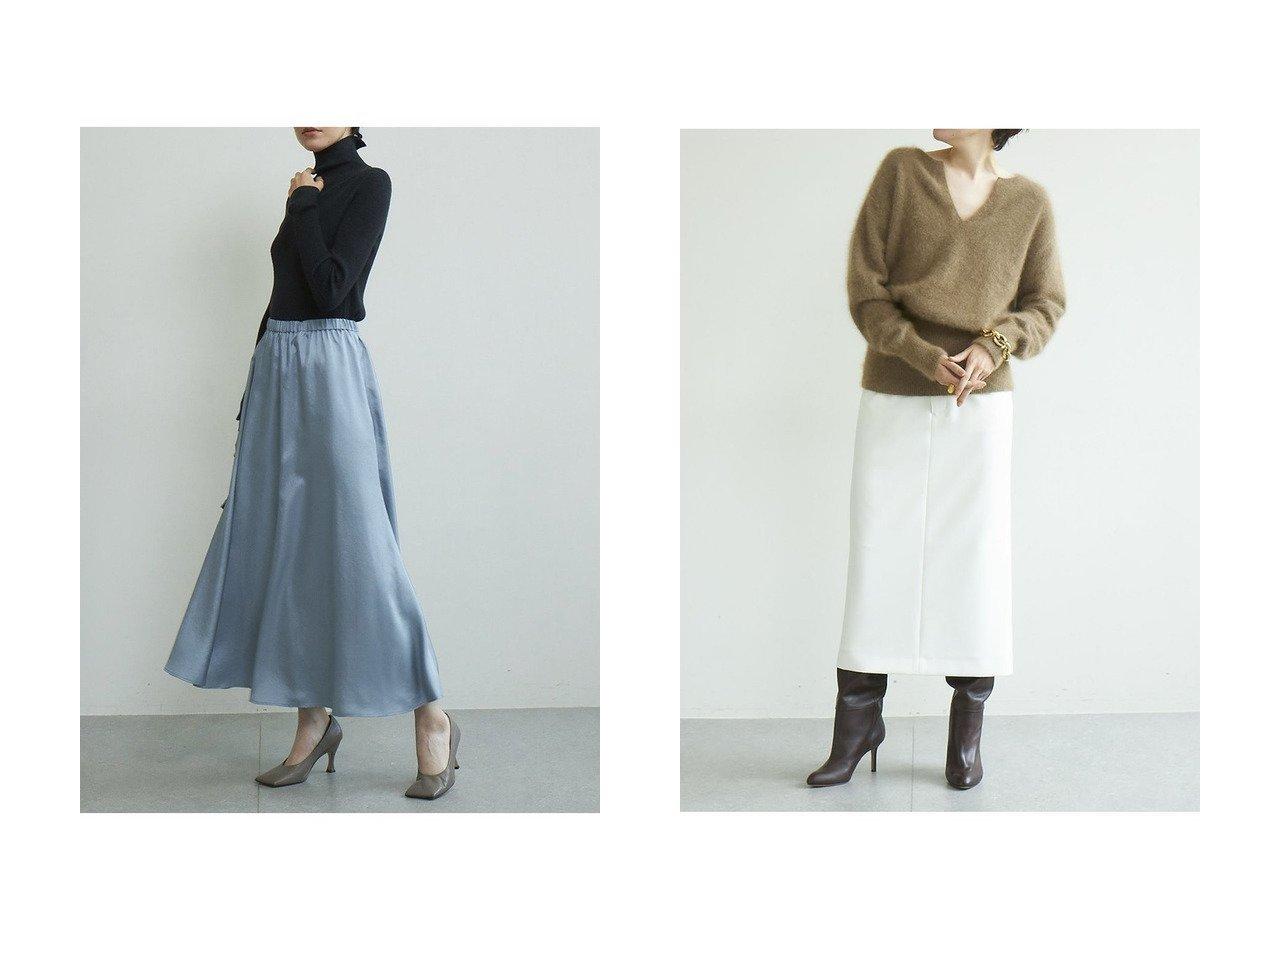 【GALLARDAGALANTE/ガリャルダガランテ】のツイルフレアスカート&タイトミディスカート 【スカート】おすすめ!人気、トレンド・レディースファッションの通販 おすすめで人気の流行・トレンド、ファッションの通販商品 インテリア・家具・メンズファッション・キッズファッション・レディースファッション・服の通販 founy(ファニー) https://founy.com/ ファッション Fashion レディースファッション WOMEN スカート Skirt Aライン/フレアスカート Flared A-Line Skirts ロングスカート Long Skirt 2020年 2020 2020-2021秋冬・A/W AW・Autumn/Winter・FW・Fall-Winter/2020-2021 2021年 2021 2021-2022秋冬・A/W AW・Autumn/Winter・FW・Fall-Winter・2021-2022 A/W・秋冬 AW・Autumn/Winter・FW・Fall-Winter ツイル フレア マーメイド ロング ジャケット ストレッチ スリット タイトスカート ダブル パーカー |ID:crp329100000067682